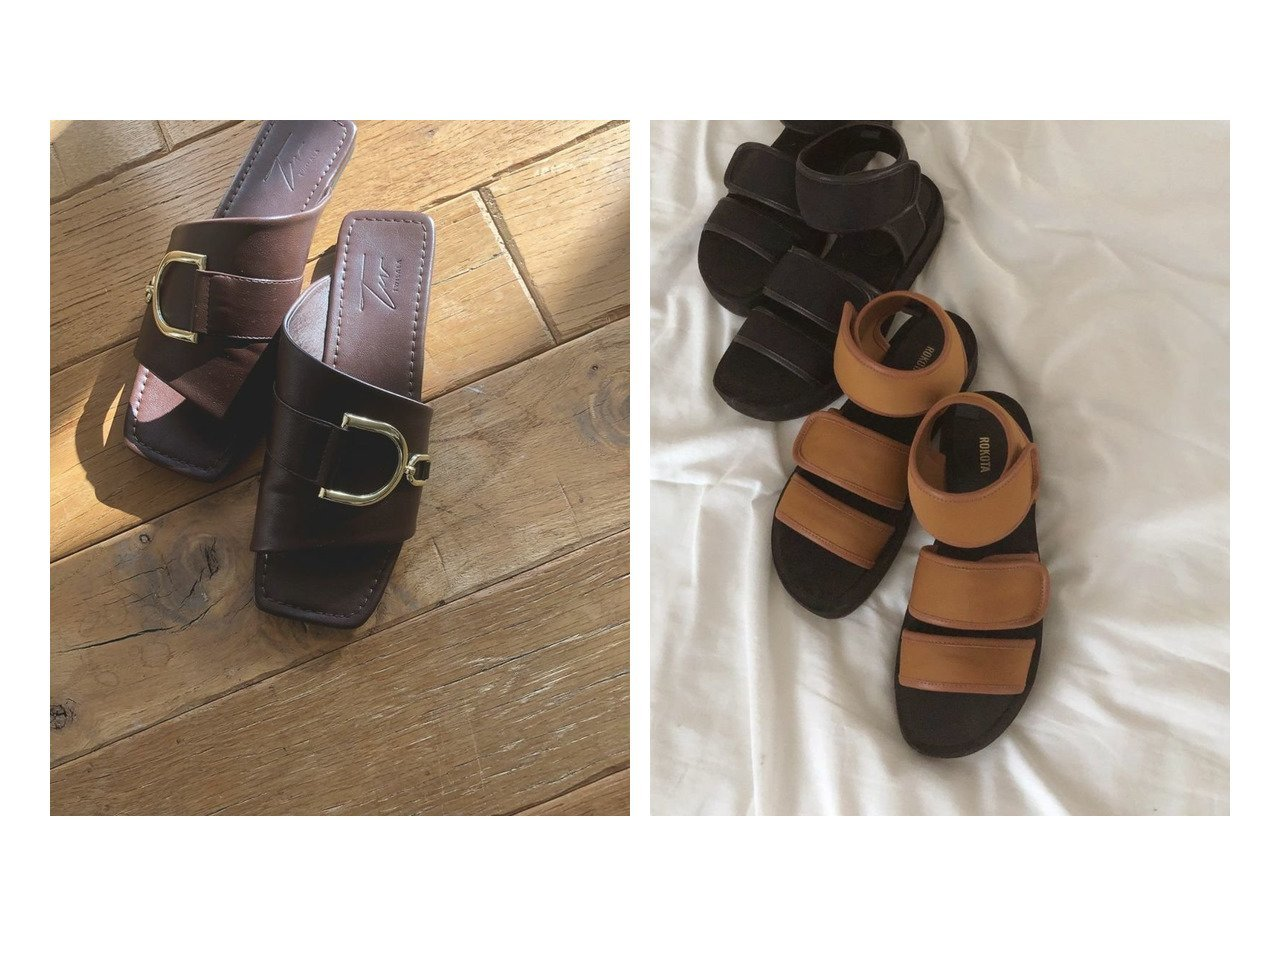 【marjour/マージュール】のビットサンダル BIT SANDAL&パイピングサンダル PIPING SANDAL おすすめ!人気、トレンド・レディースファッションの通販  おすすめで人気の流行・トレンド、ファッションの通販商品 メンズファッション・キッズファッション・インテリア・家具・レディースファッション・服の通販 founy(ファニー) https://founy.com/ ファッション Fashion レディースファッション WOMEN サンダル スポーツ トレンド フィット フラット 厚底 楽ちん おすすめ Recommend インソール シンプル ベーシック ワンポイント |ID:crp329100000029021